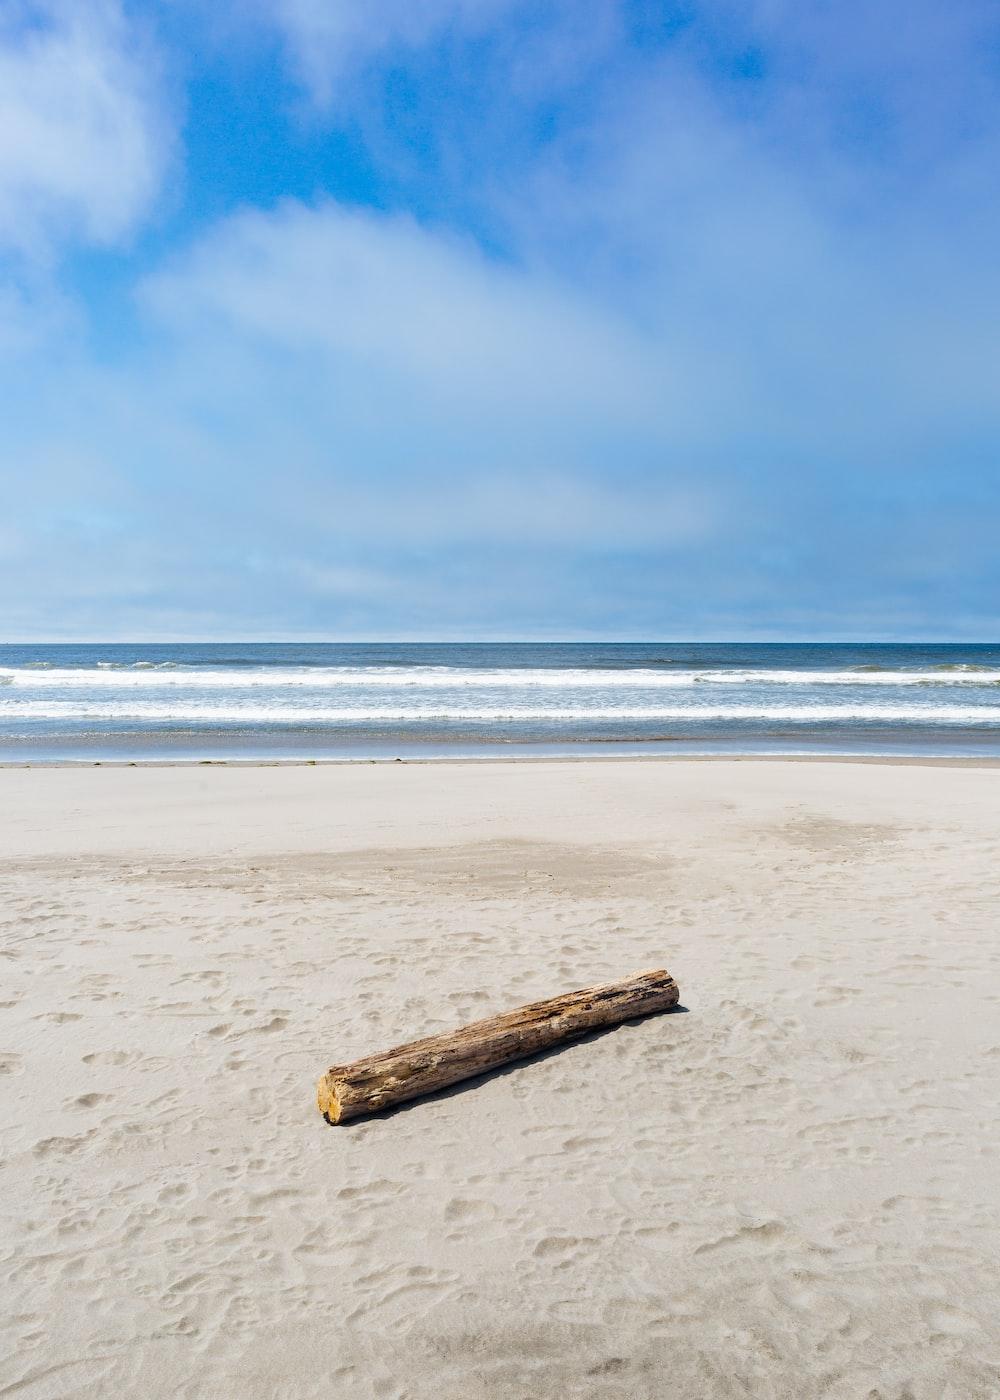 brown driftwood on seashore near beach